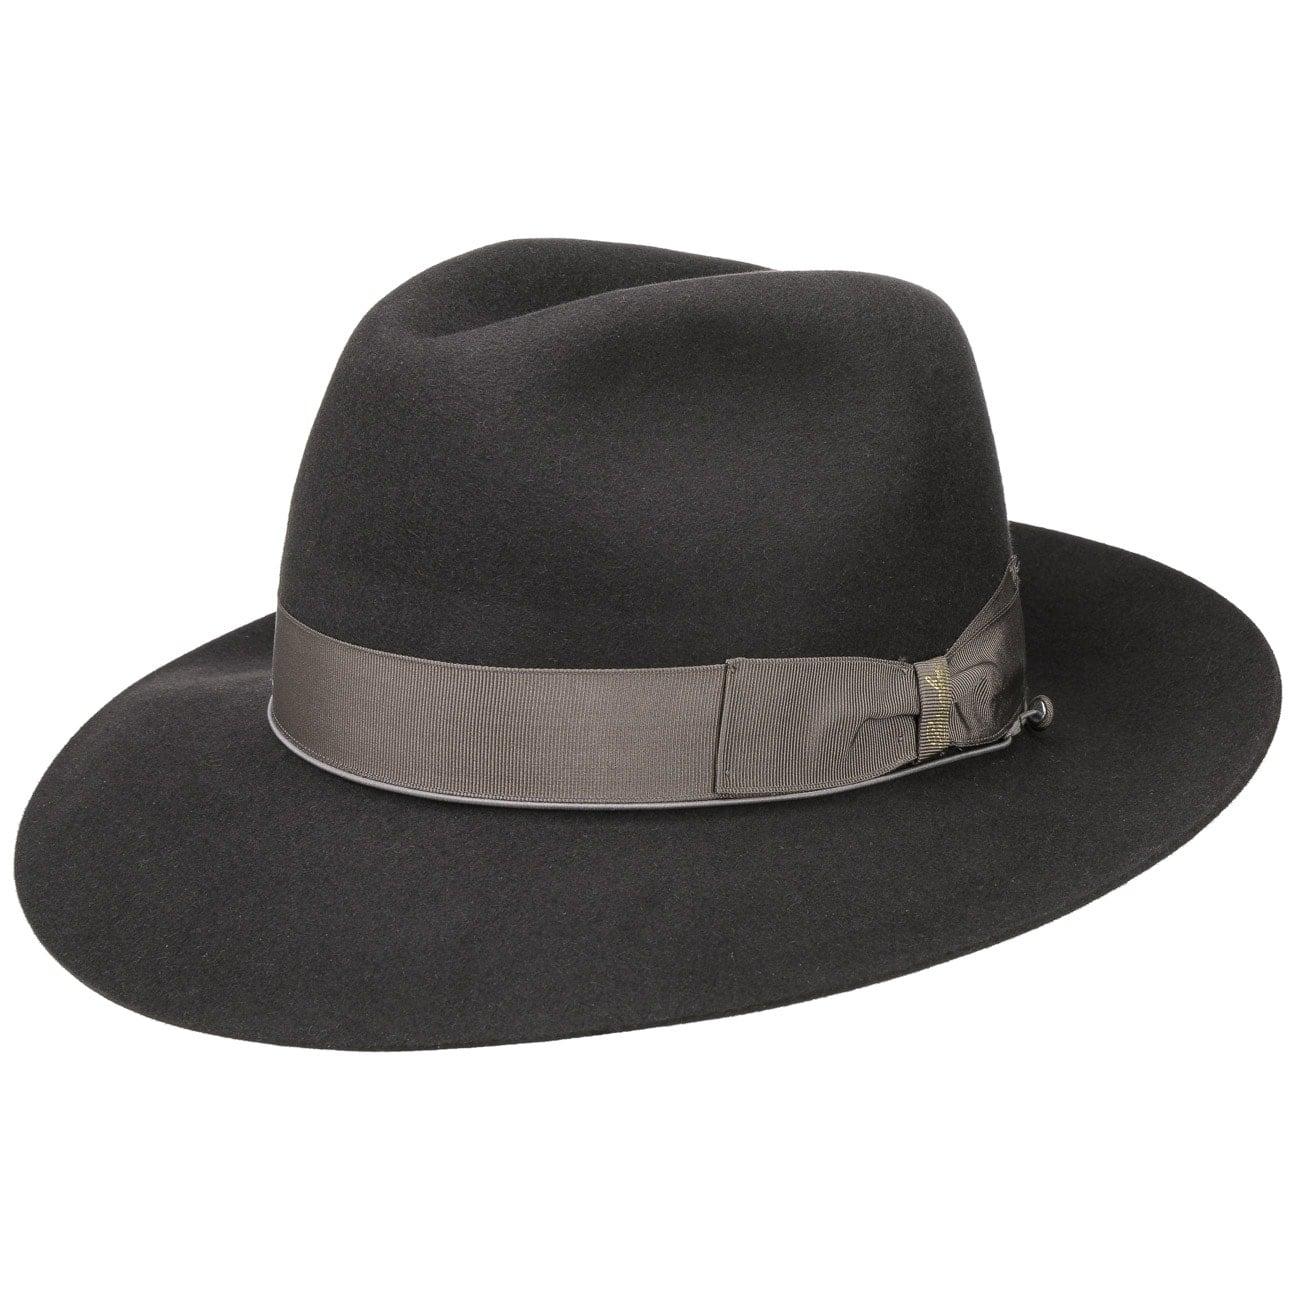 Sombrero Bogart de Ala Ancha by Borsalino